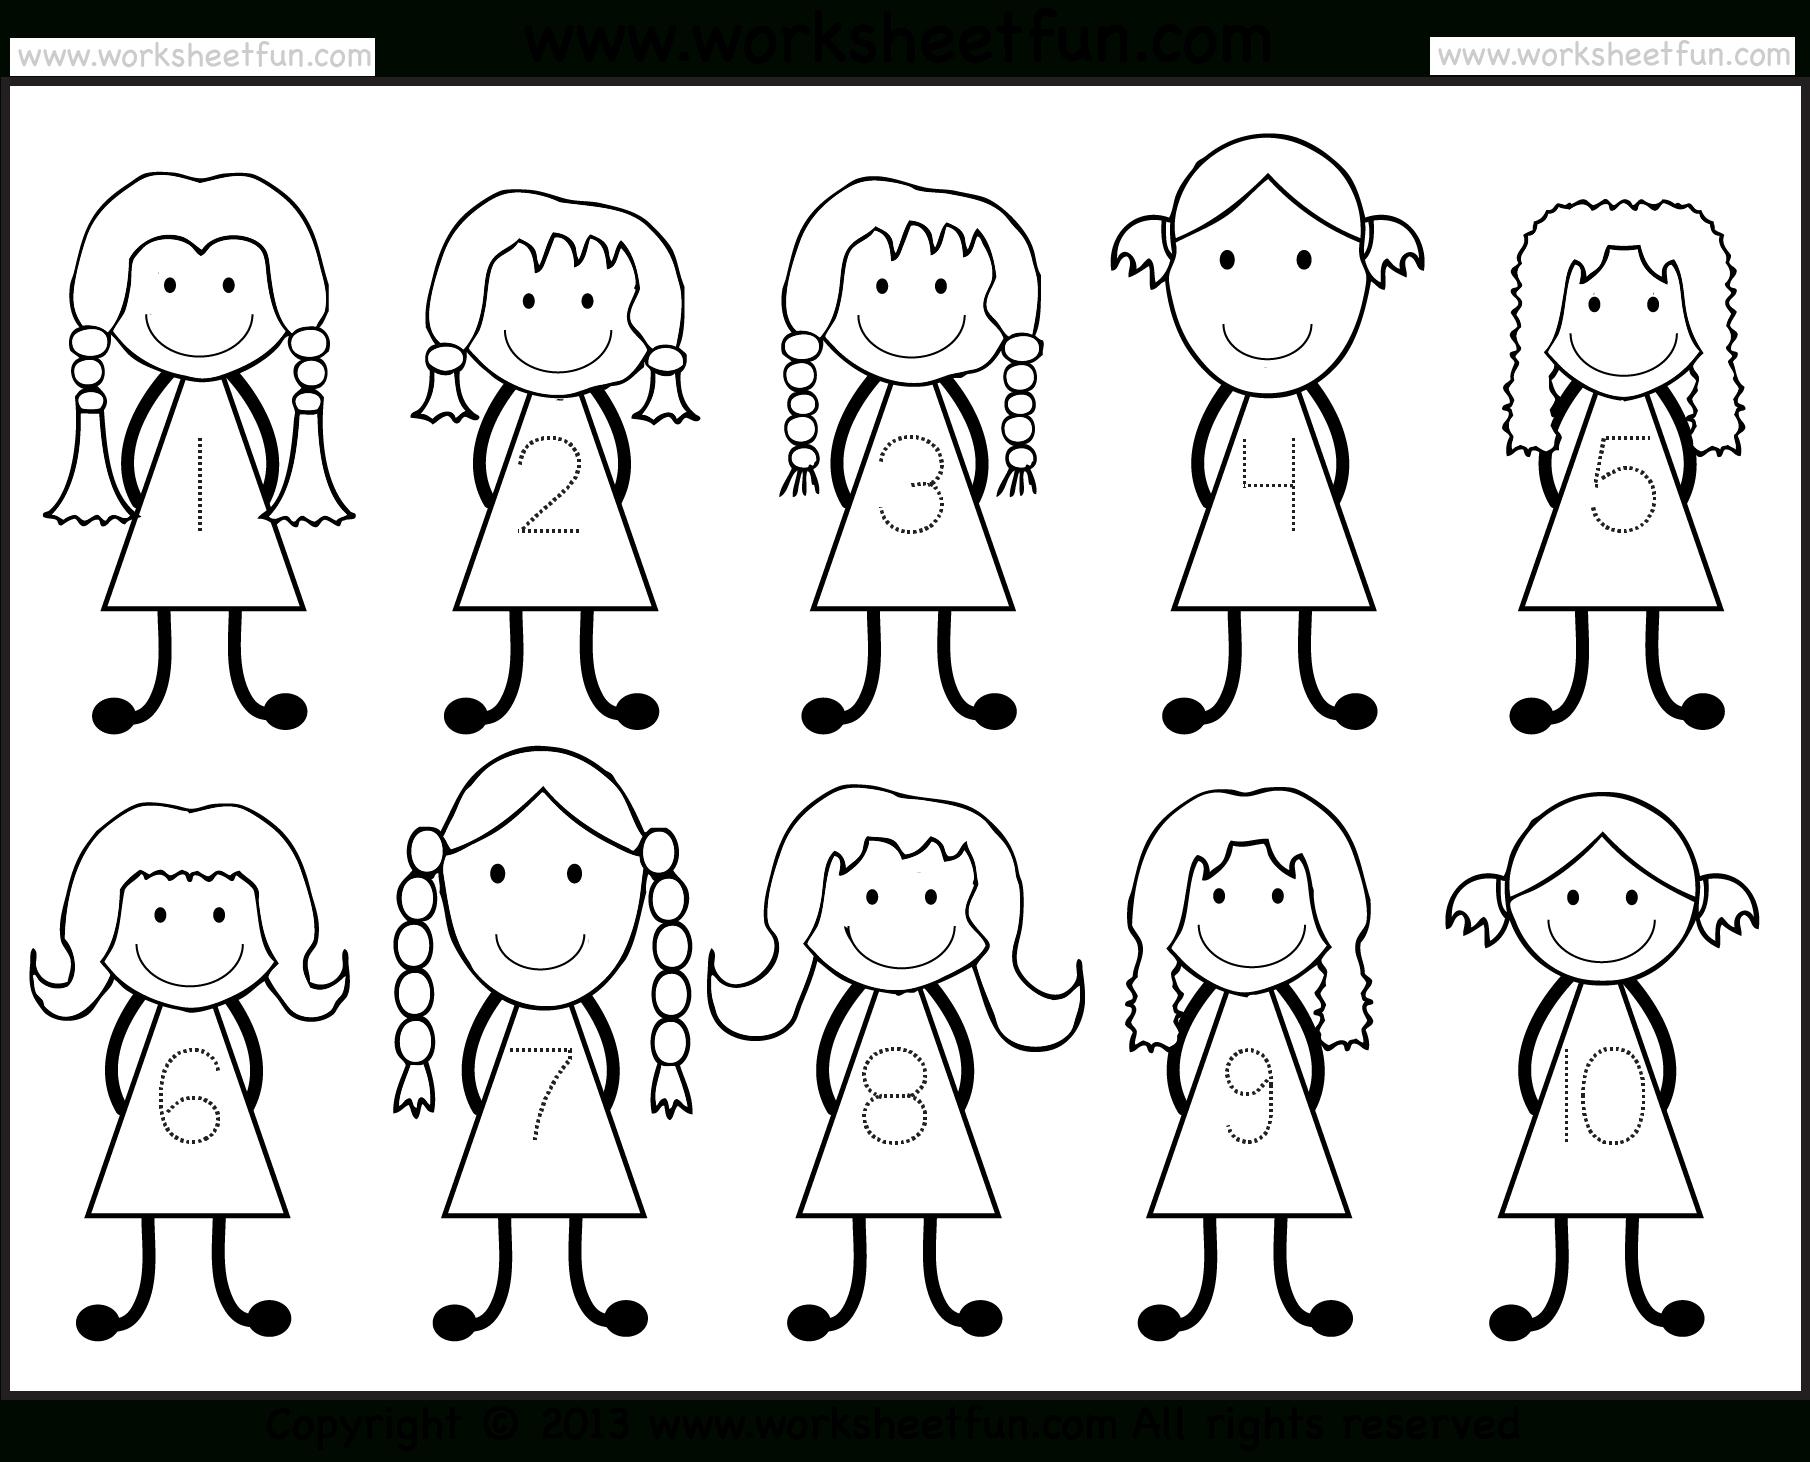 Number Tracing -1-10 – Worksheet / Free Printable Worksheets